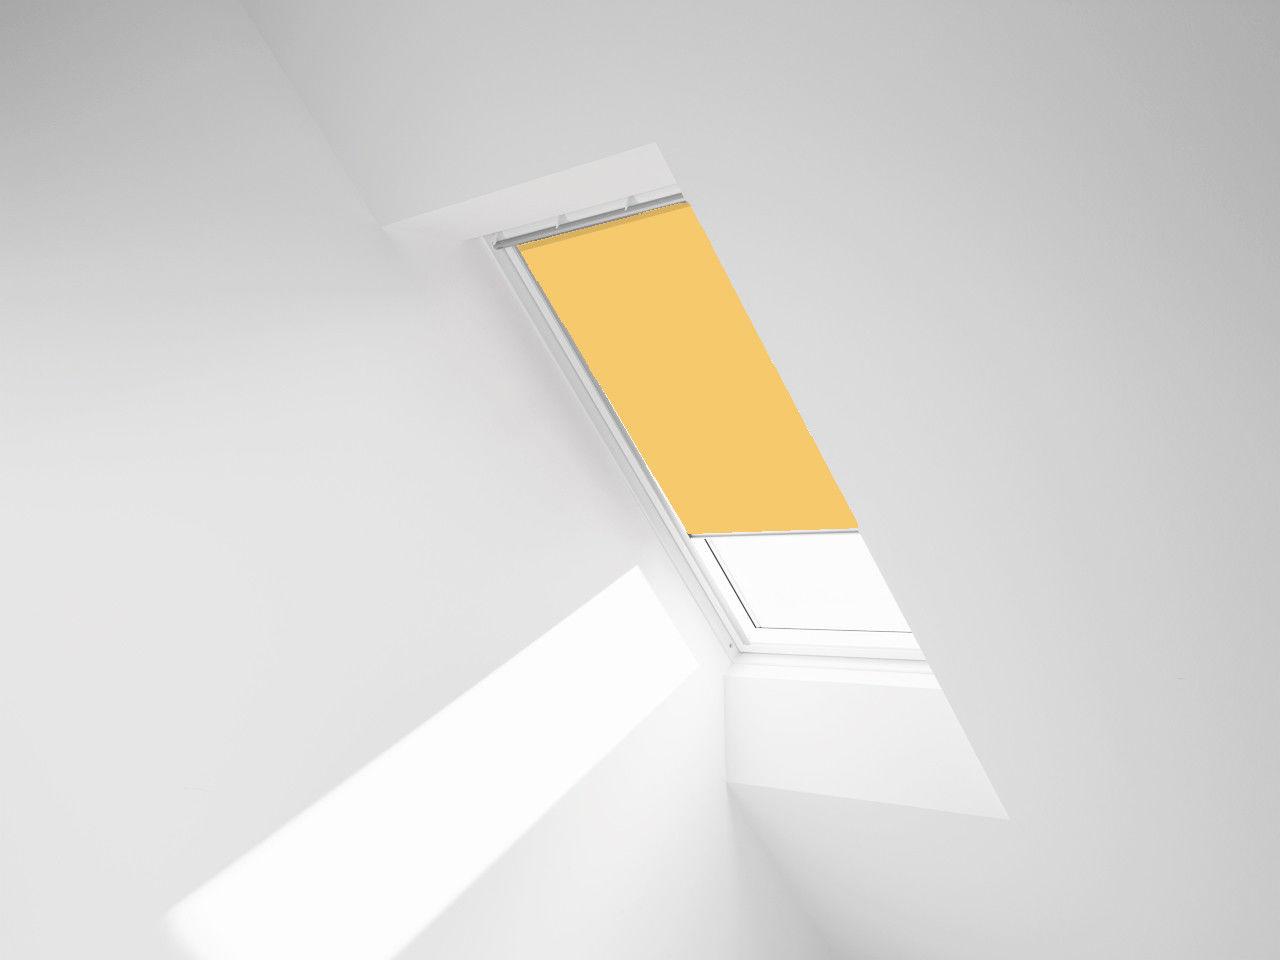 ROLETA ZACIEMNIAJĄCA ROOFART DUR - kolor 4233 (żółty) - 78x140 M8A